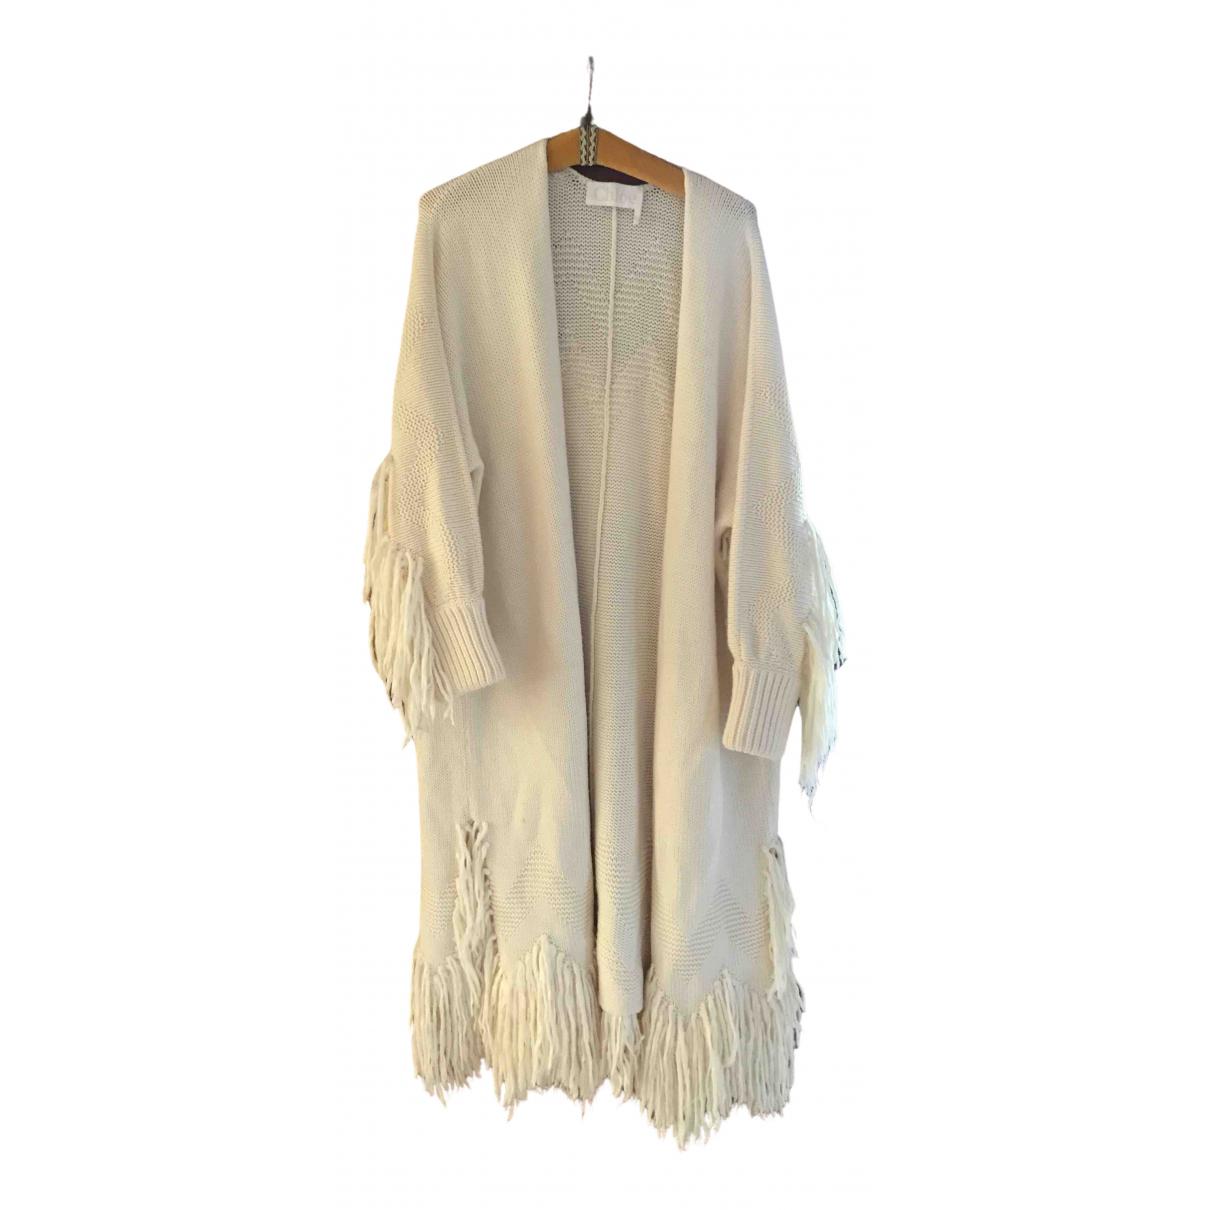 Chloé \N White Wool coat for Women M International